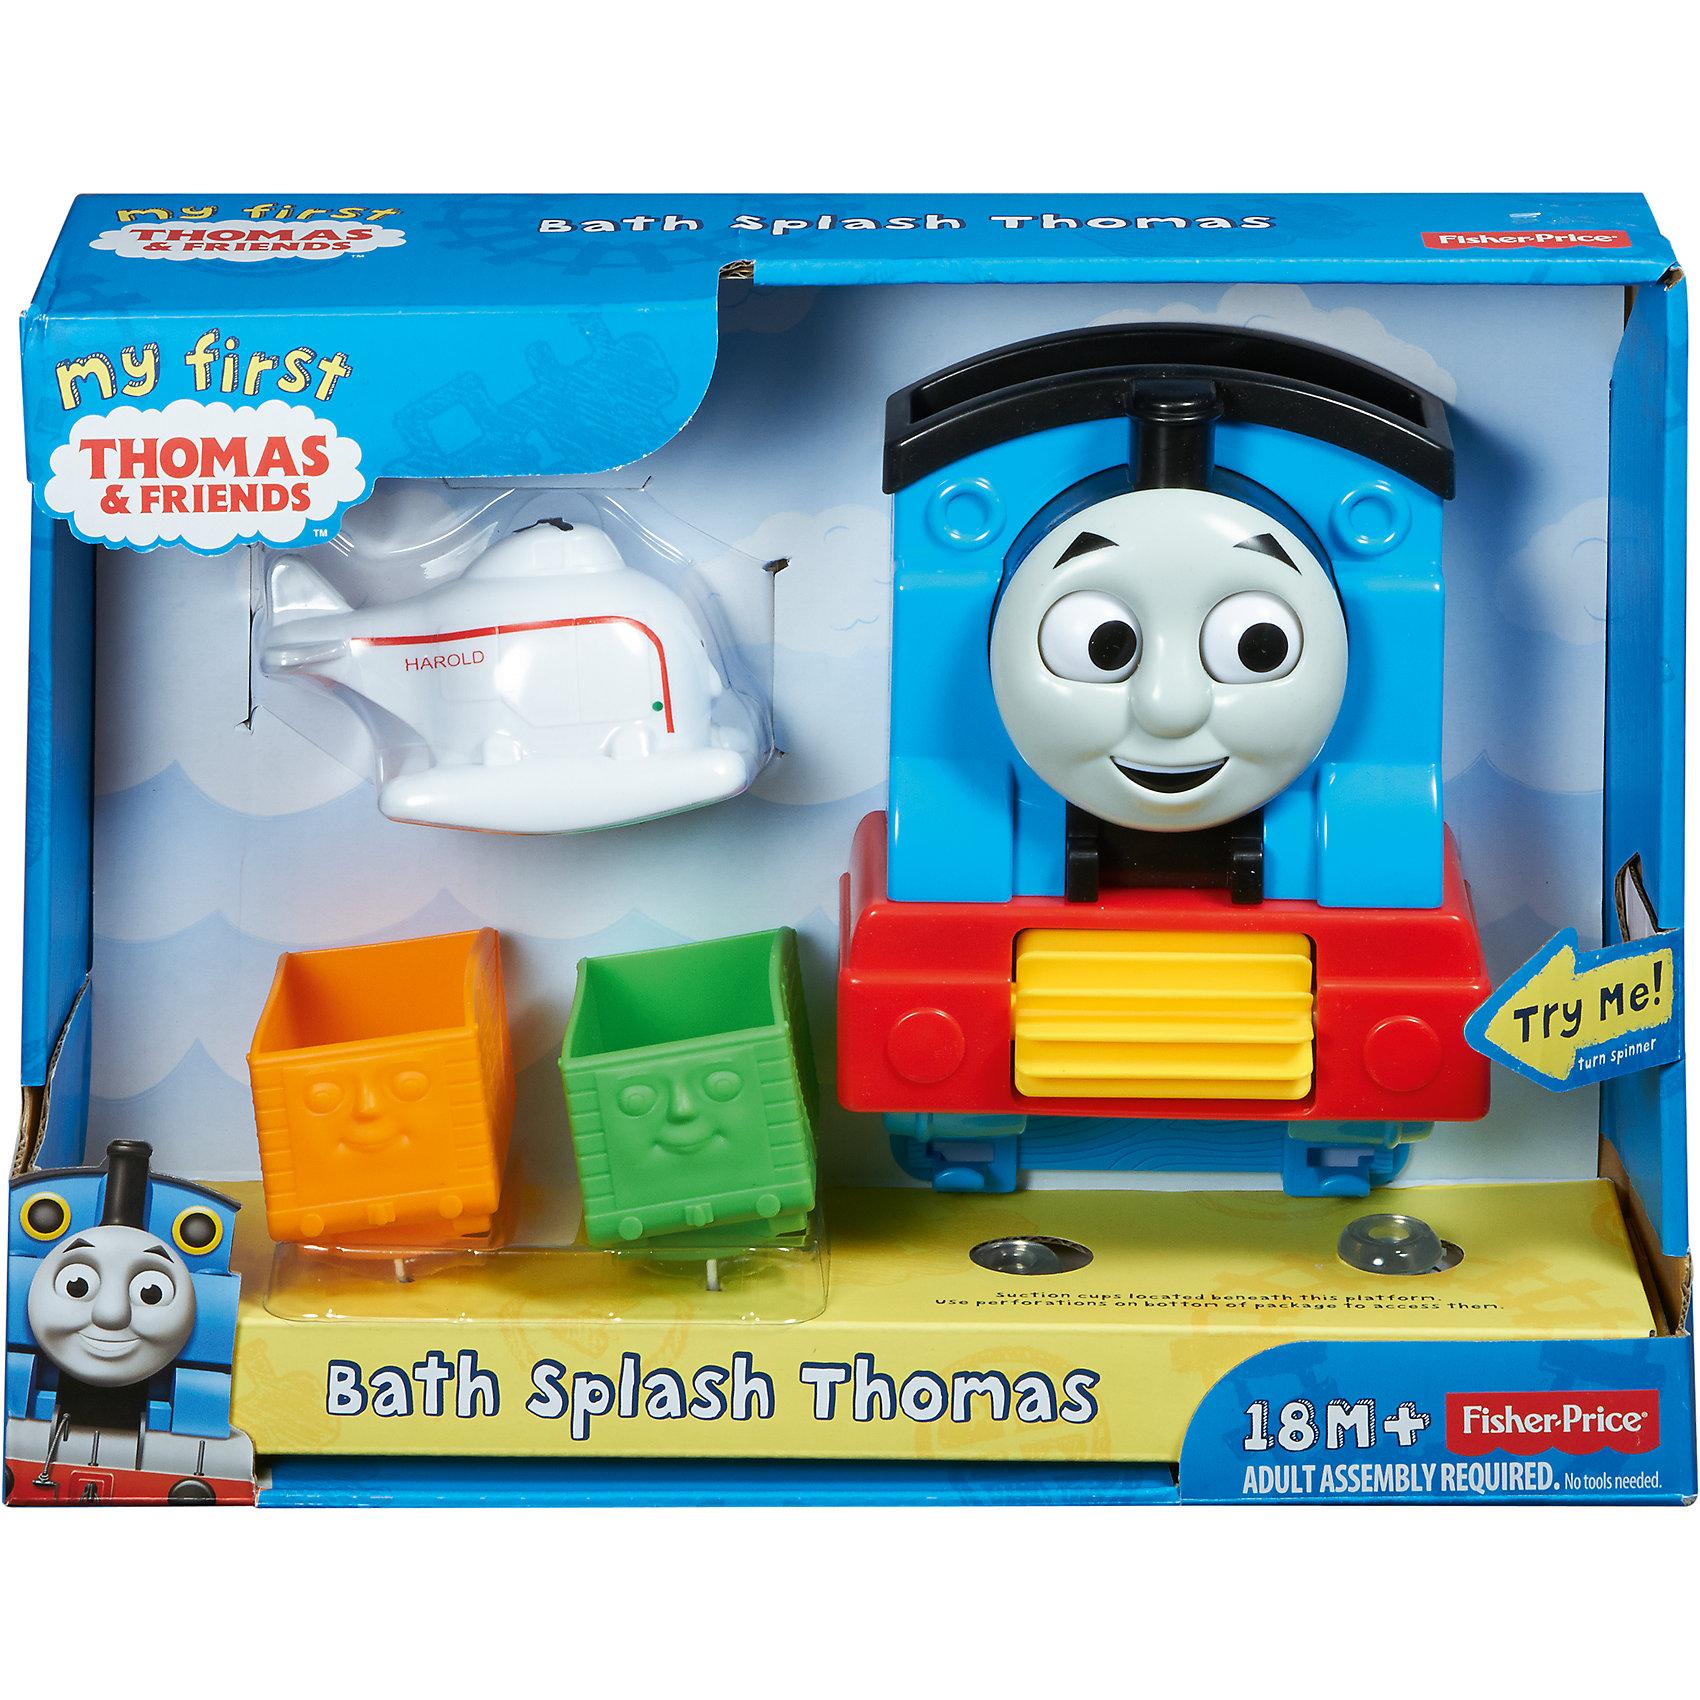 Игровой набор Веселое купание, Томас и его друзьяТомас и его друзья Игрушки<br>С игровым набором Веселое купание водные процедуры превратятся в настоящее приключение! Как только малыш польет воду на Томаса, его глаза начнут забавно вращаться. Малыш будет использовать вертолет Харольд и непослушные вагоны из мультфильма Томас и друзья для того, чтобы набирать воду и выливать в трубу Томаса. Благодаря специальным присоскам, набор прочно крепится к стене или другой поверхности. <br><br>Дополнительная информация:<br><br>- Материал: пластик.<br>- Размер игрушки: 18х7х12 см.<br>- Размер вагона: 7х4,5х5,5 см.<br>- Размер вертолета: 9 см.<br>- Комплектация: Томас, вертолет, вагоны (2 шт).<br><br>Игровой набор Веселое купание, Томас и его друзья, можно купить в нашем магазине.<br><br>Ширина мм: 308<br>Глубина мм: 233<br>Высота мм: 88<br>Вес г: 501<br>Возраст от месяцев: 18<br>Возраст до месяцев: 36<br>Пол: Мужской<br>Возраст: Детский<br>SKU: 4048183